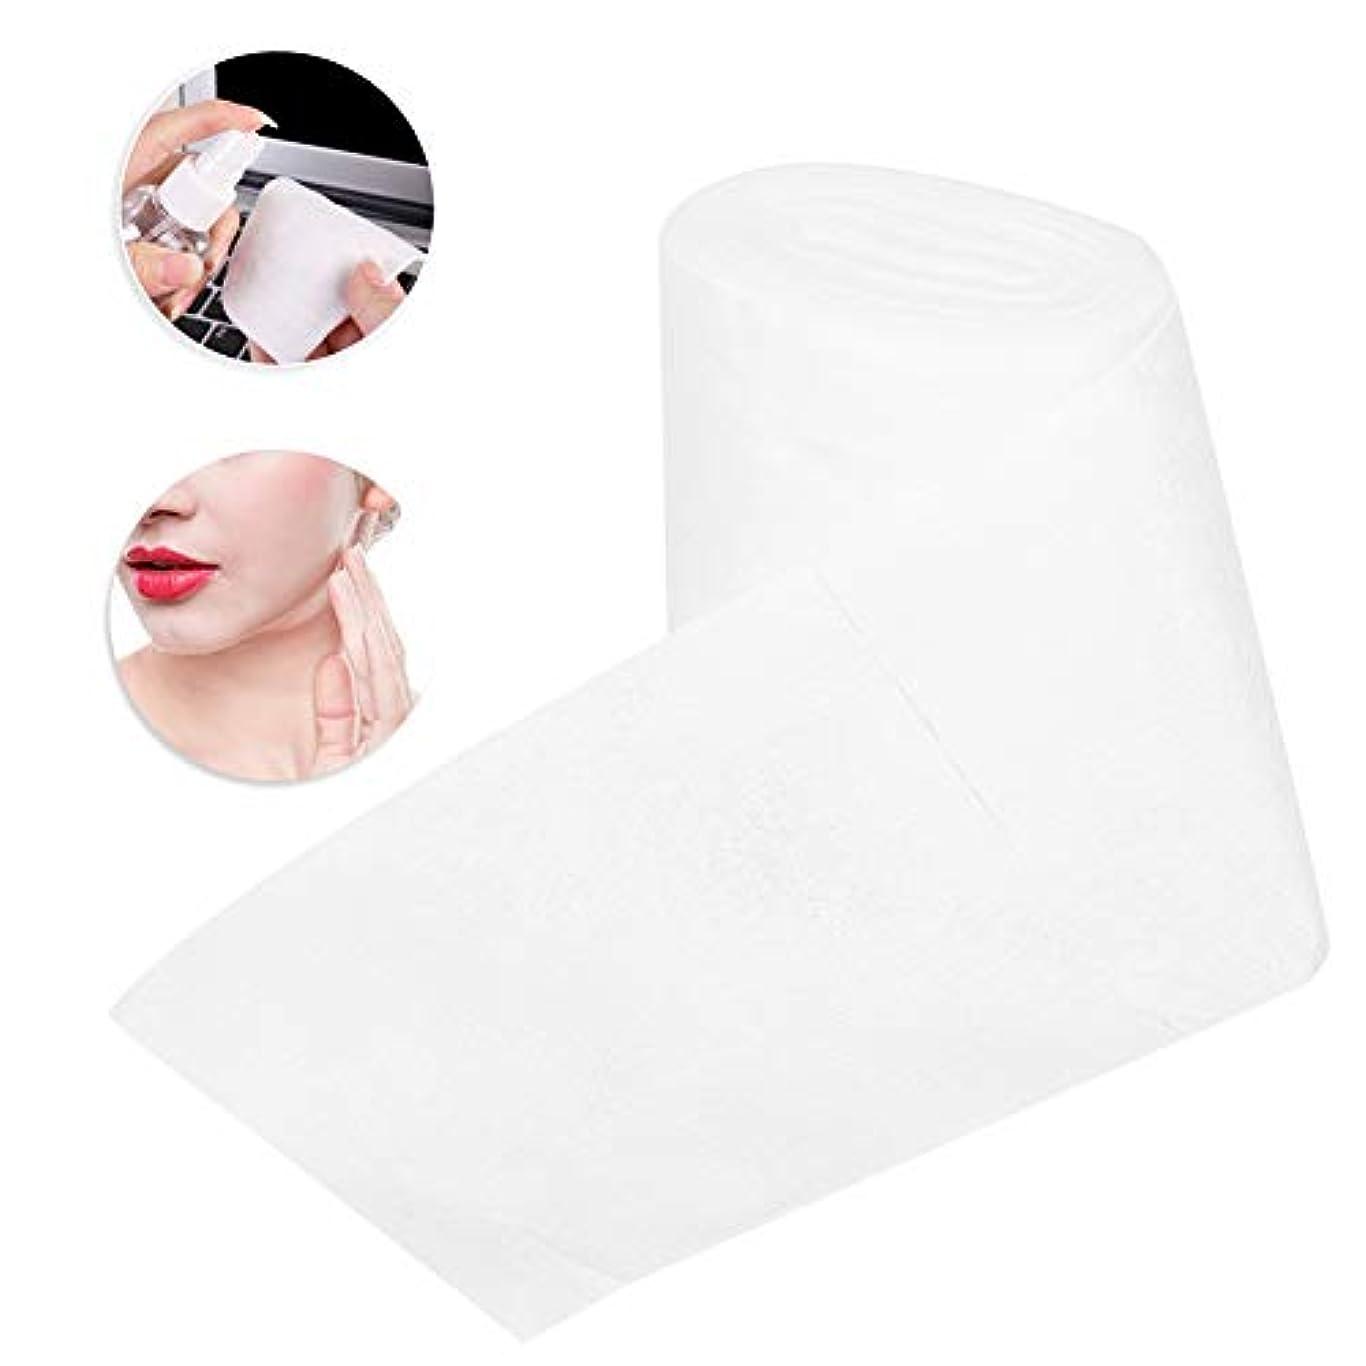 移行する読み書きのできないプロトタイプ不織布 使い捨てタオル メイクアップはクレンジングフェイシャルメイクアップ除去のための綿パッドを拭きます、しっとりと乾燥することができます